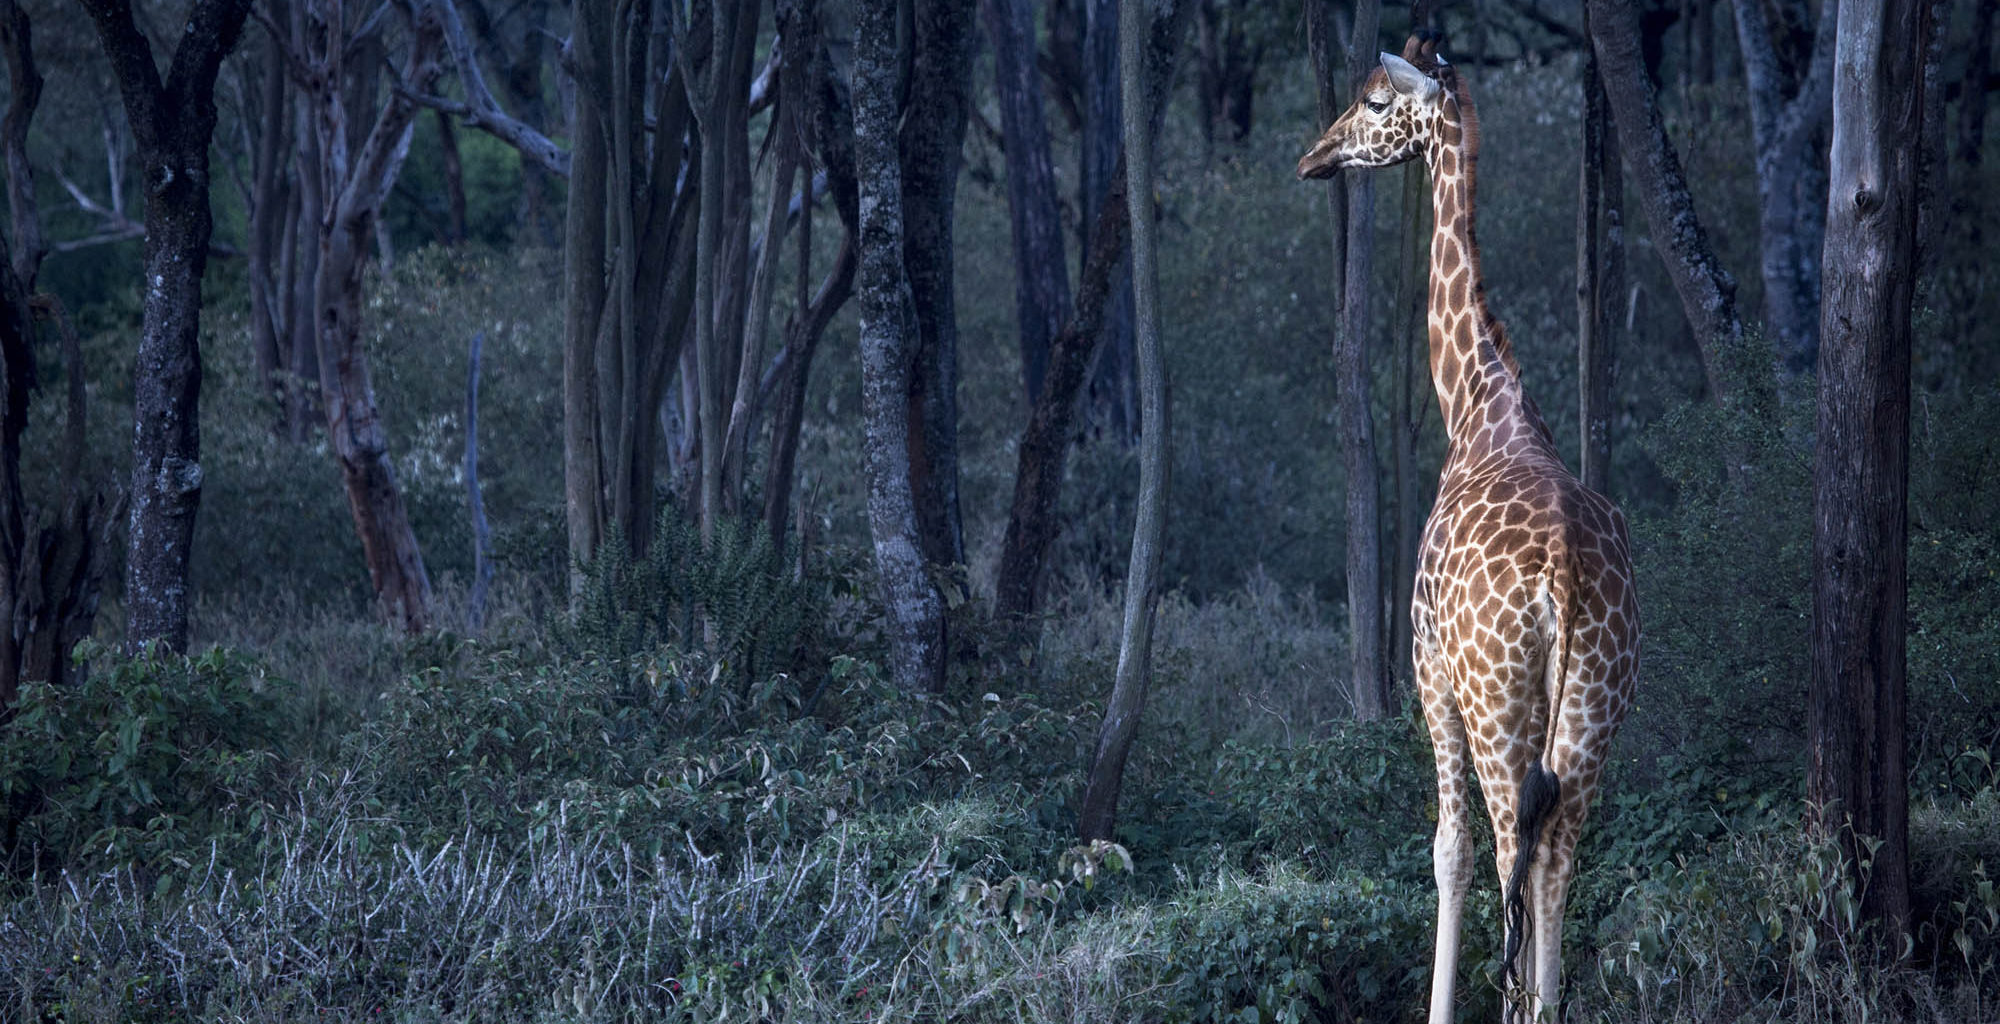 Kenya-Nairobi-Wildlife-Giraffe